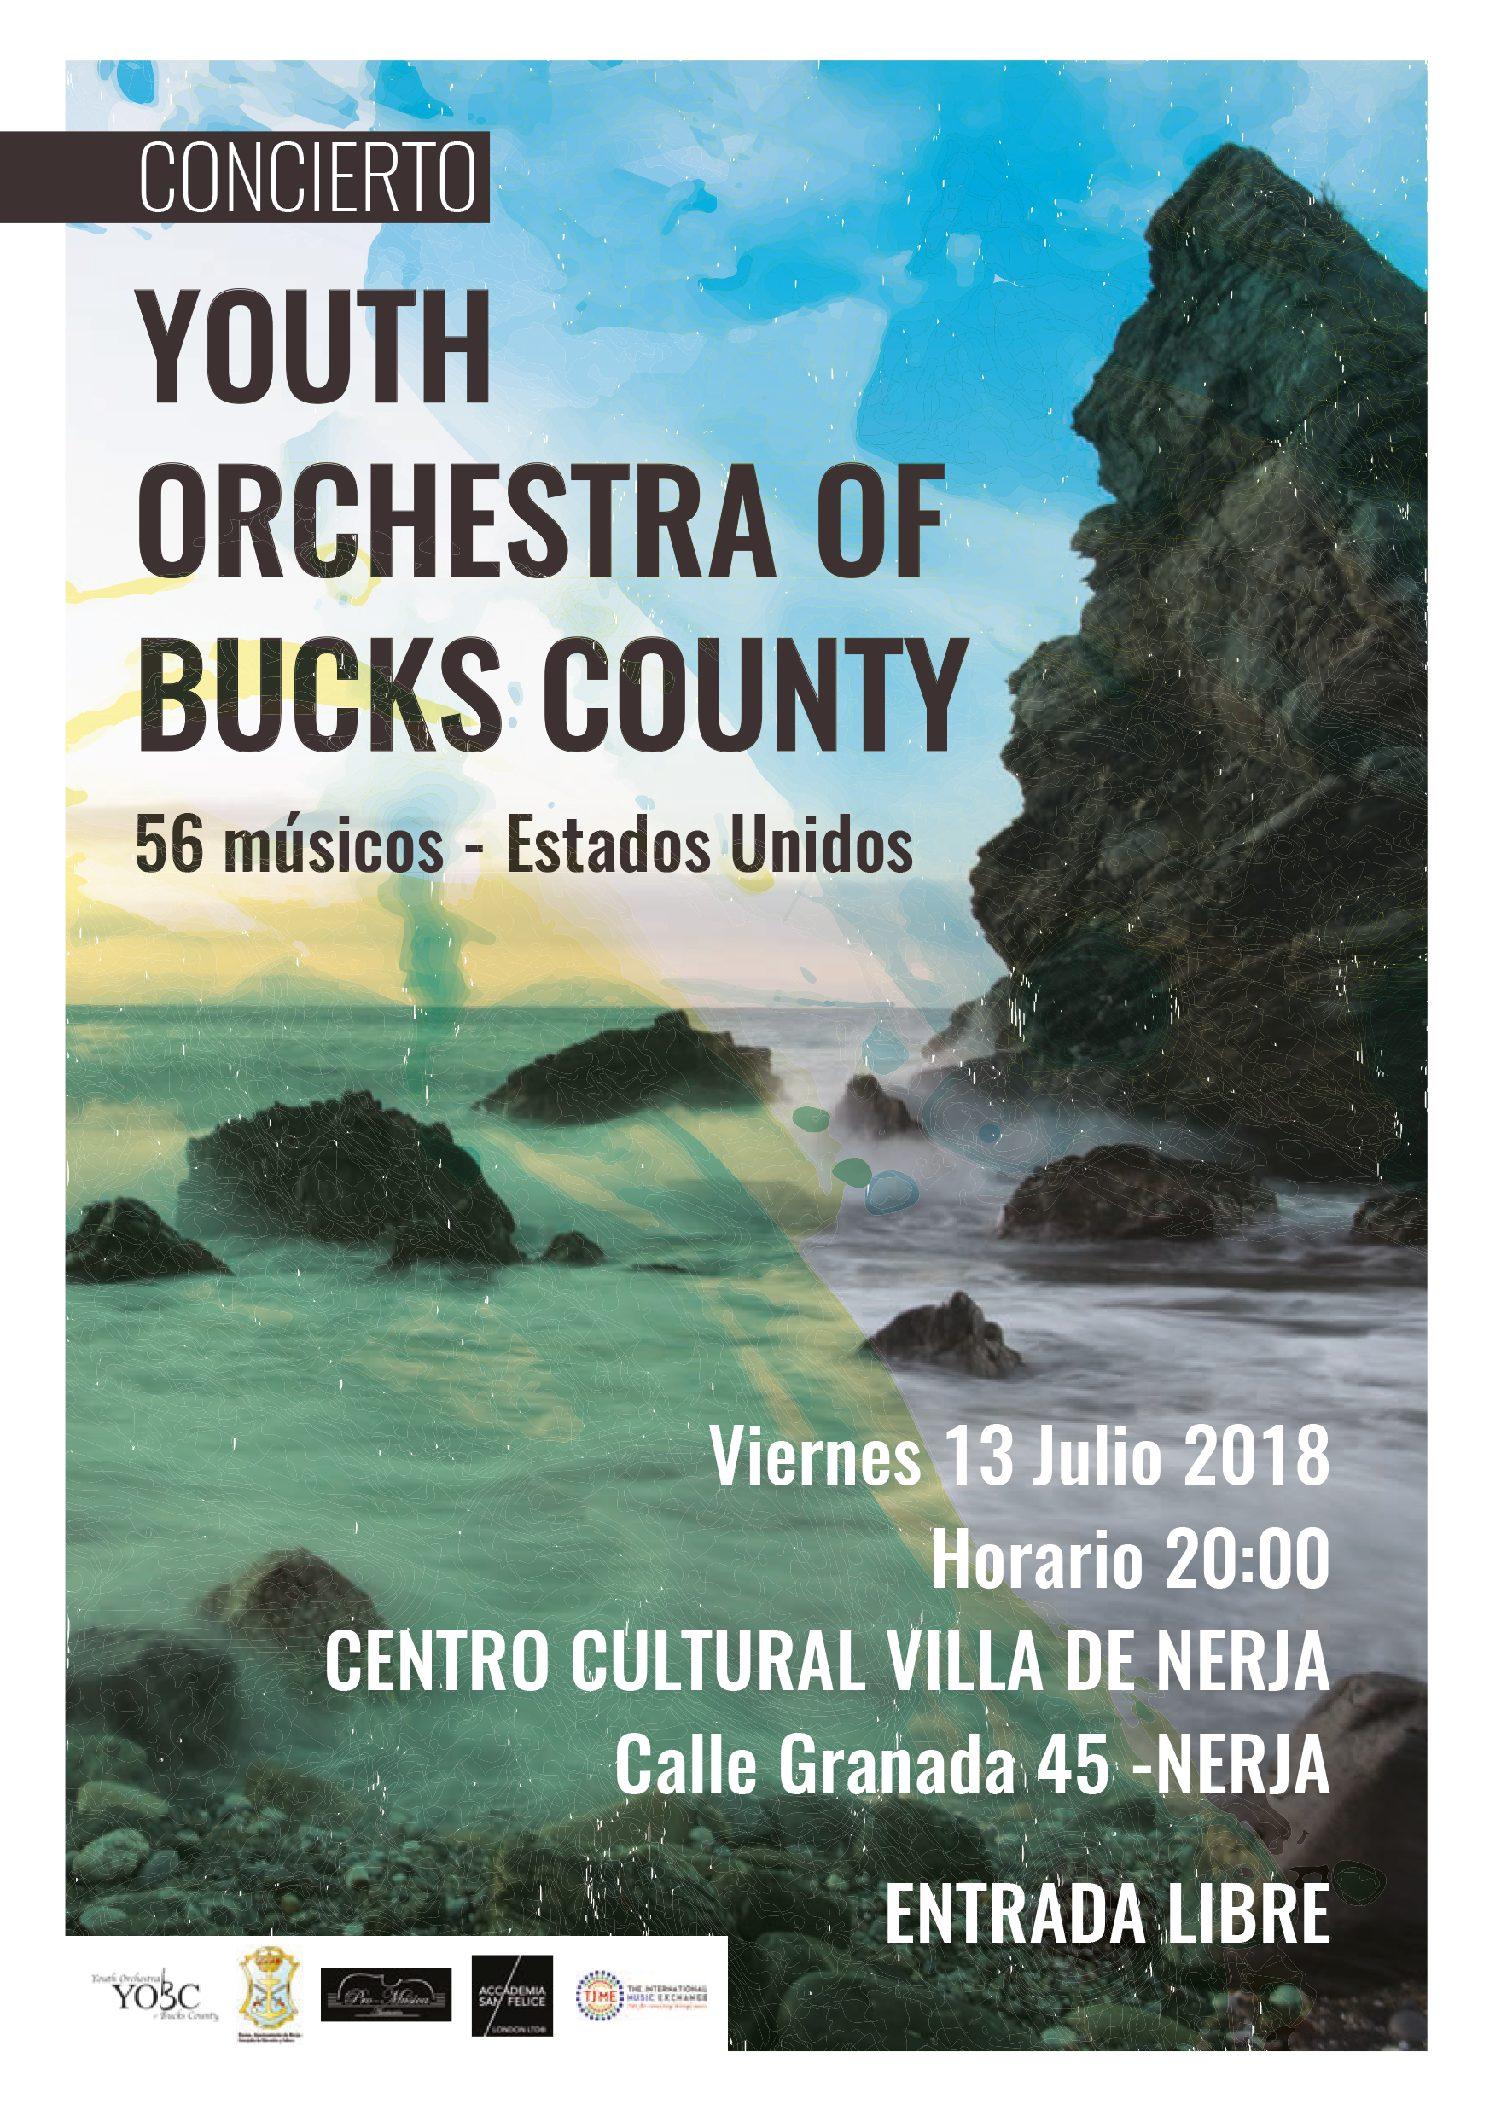 Youth Orchestra of Bucks County. Philadelphia (EEUU).